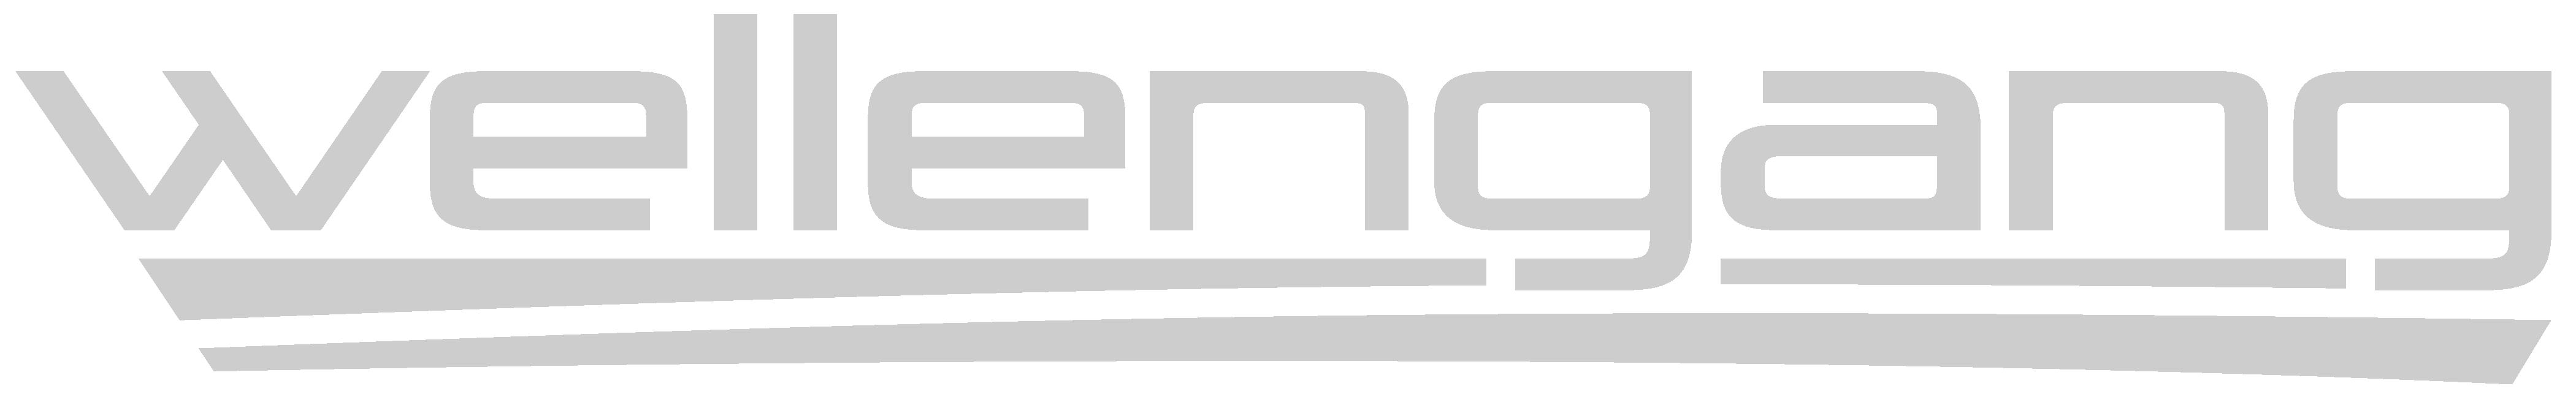 wellengang_grau_groß